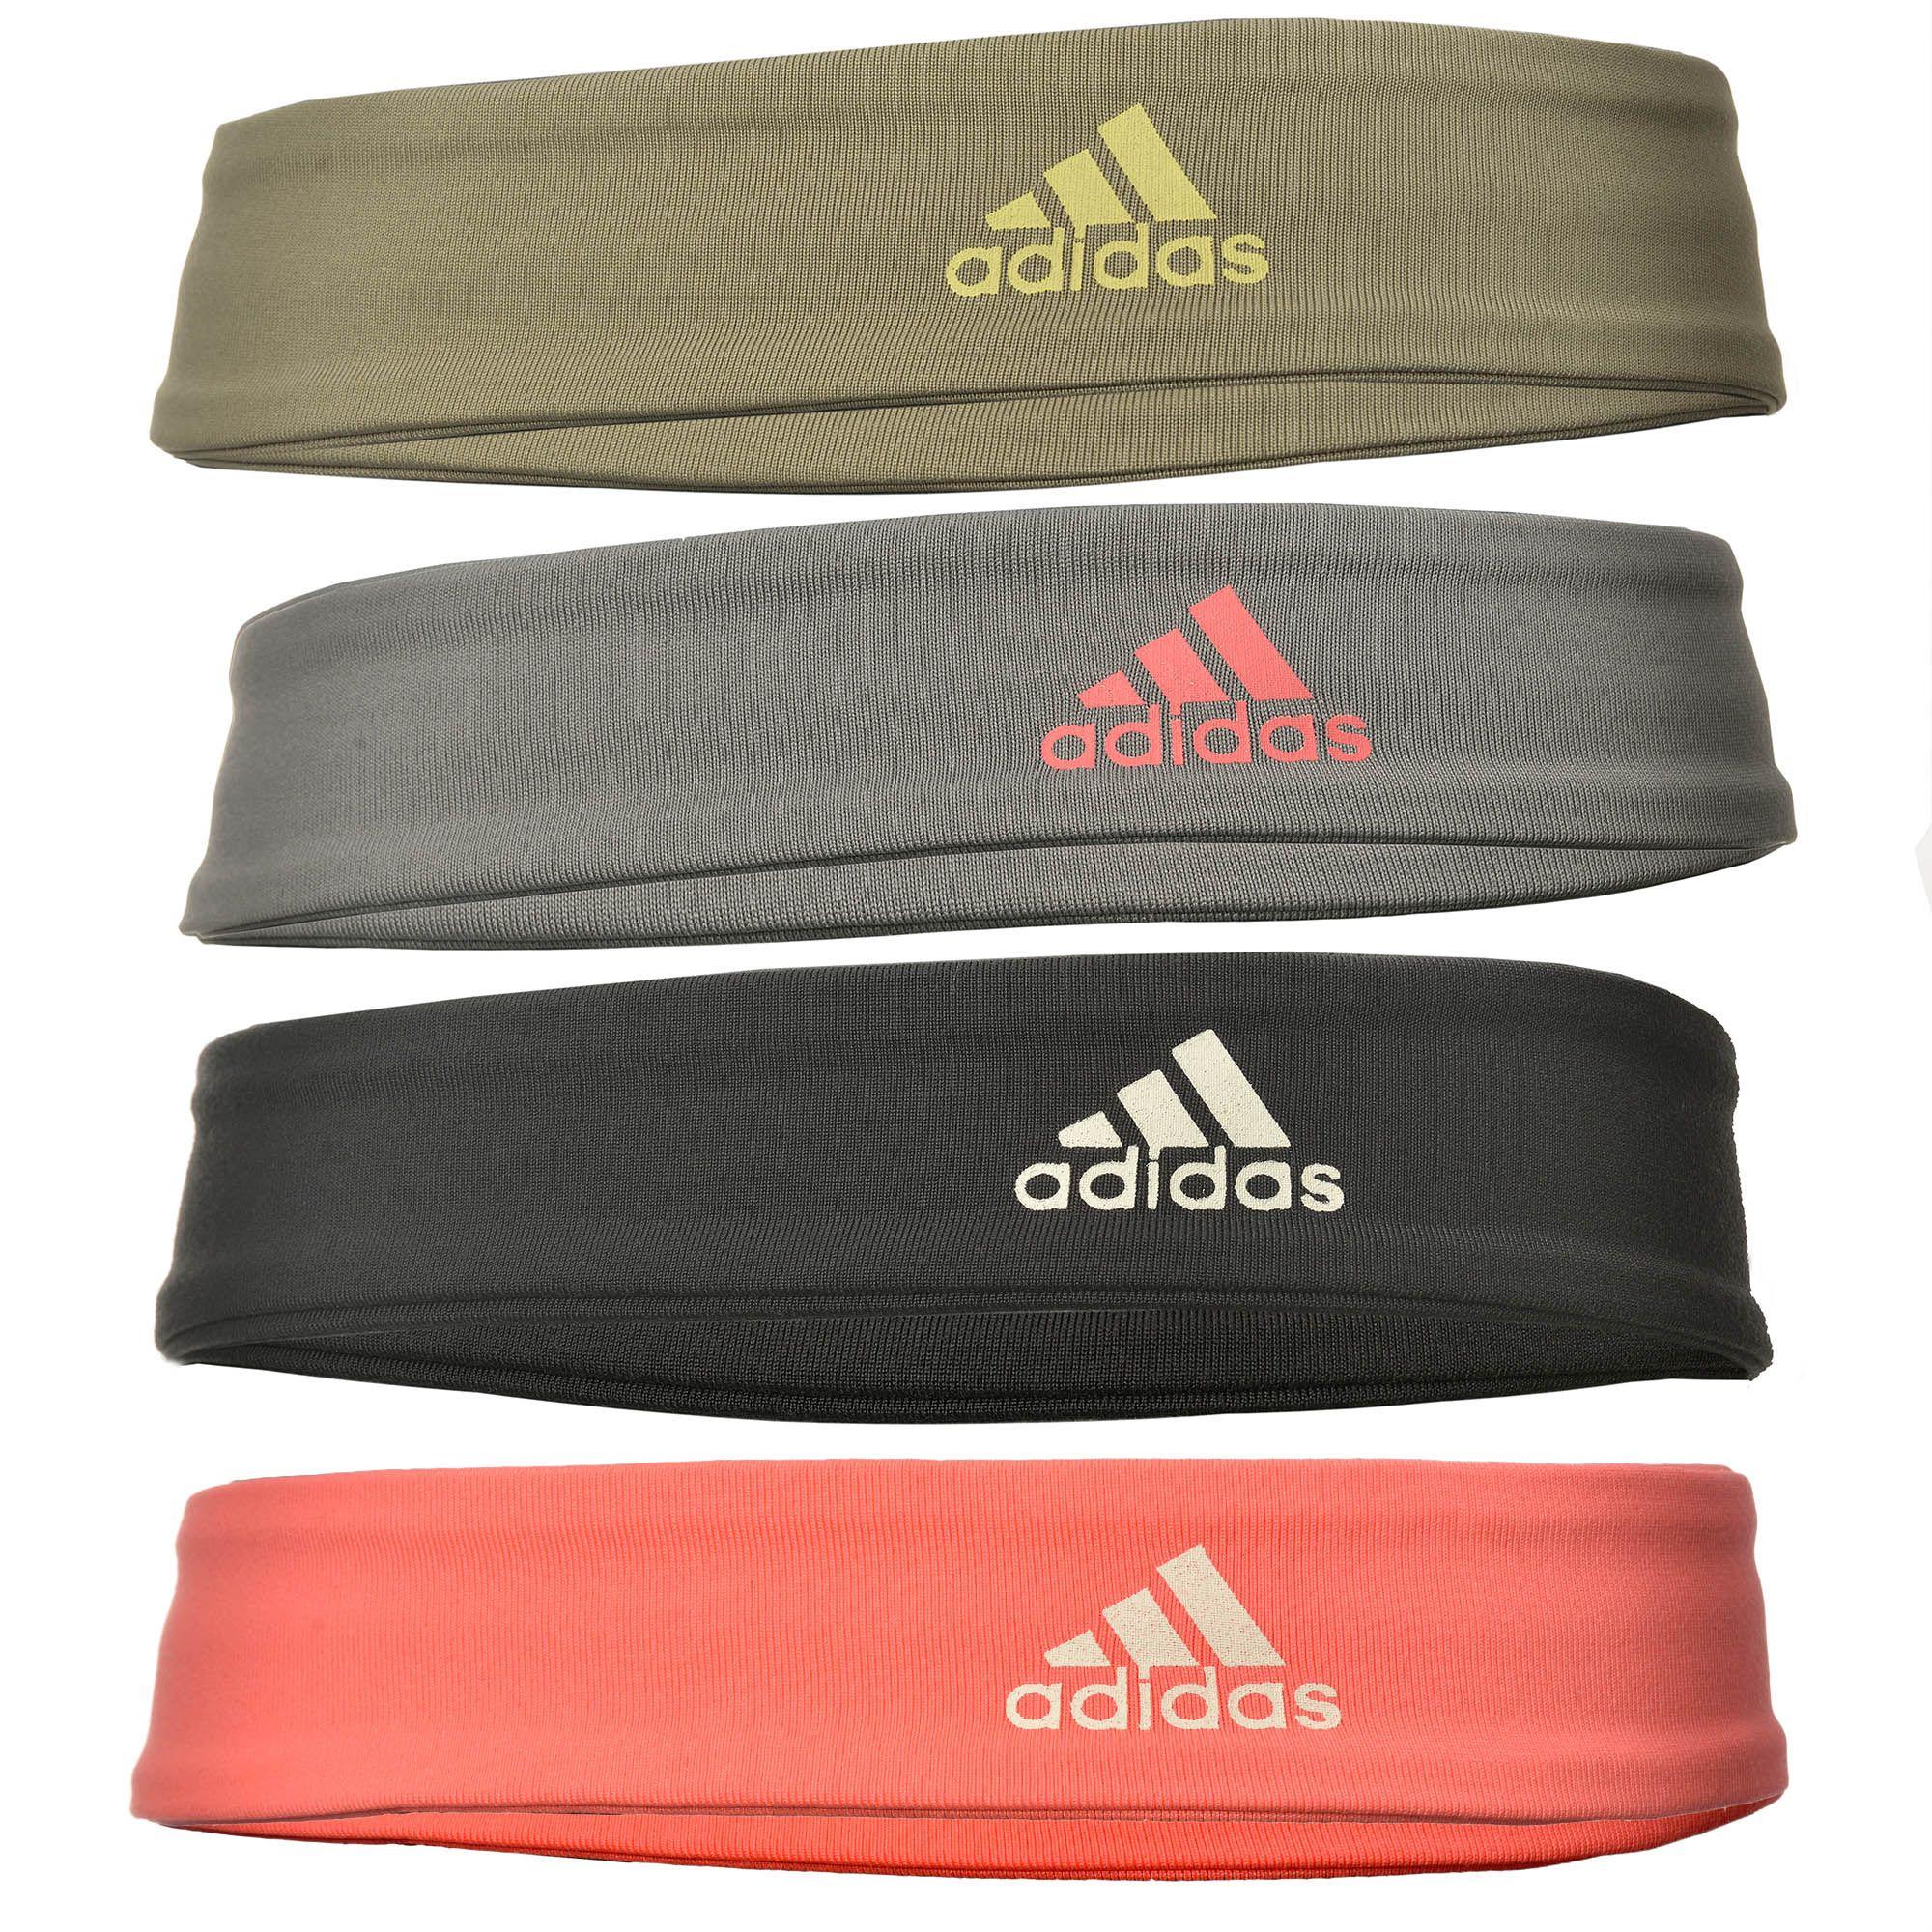 Adidas Slim Hair Band